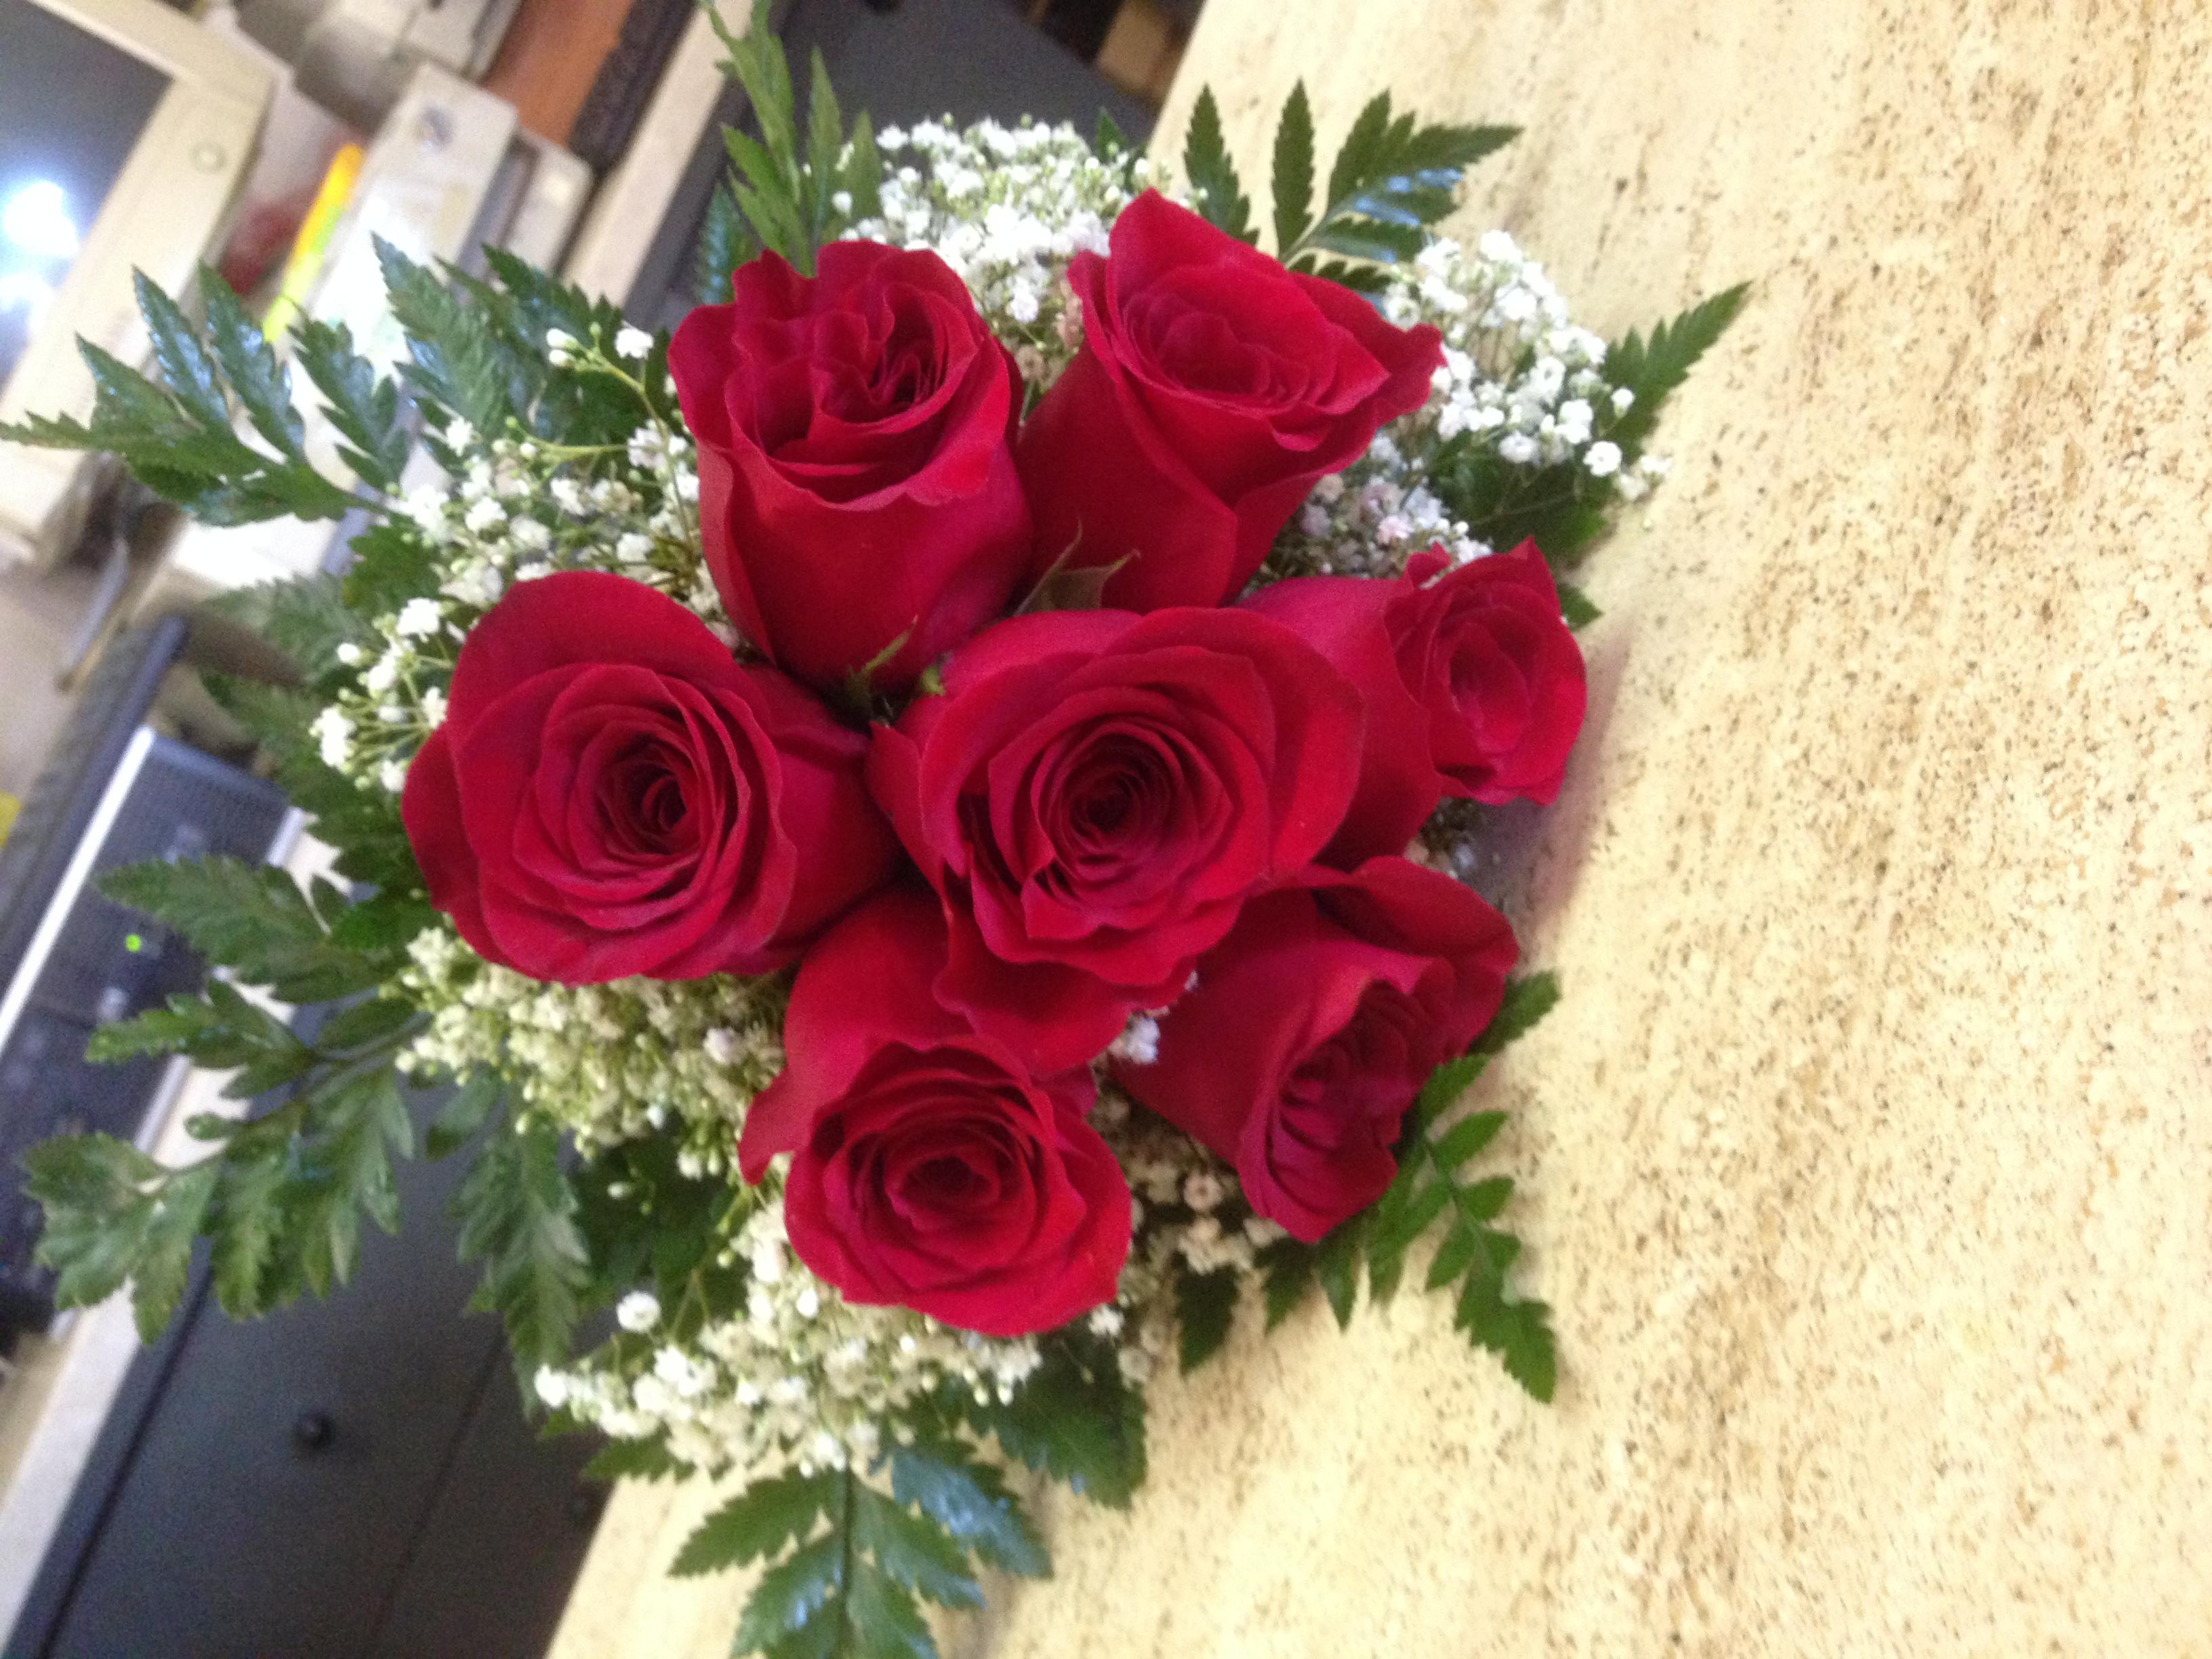 7 Fiori Significato.Il Significato Di 7 Rose Rosse